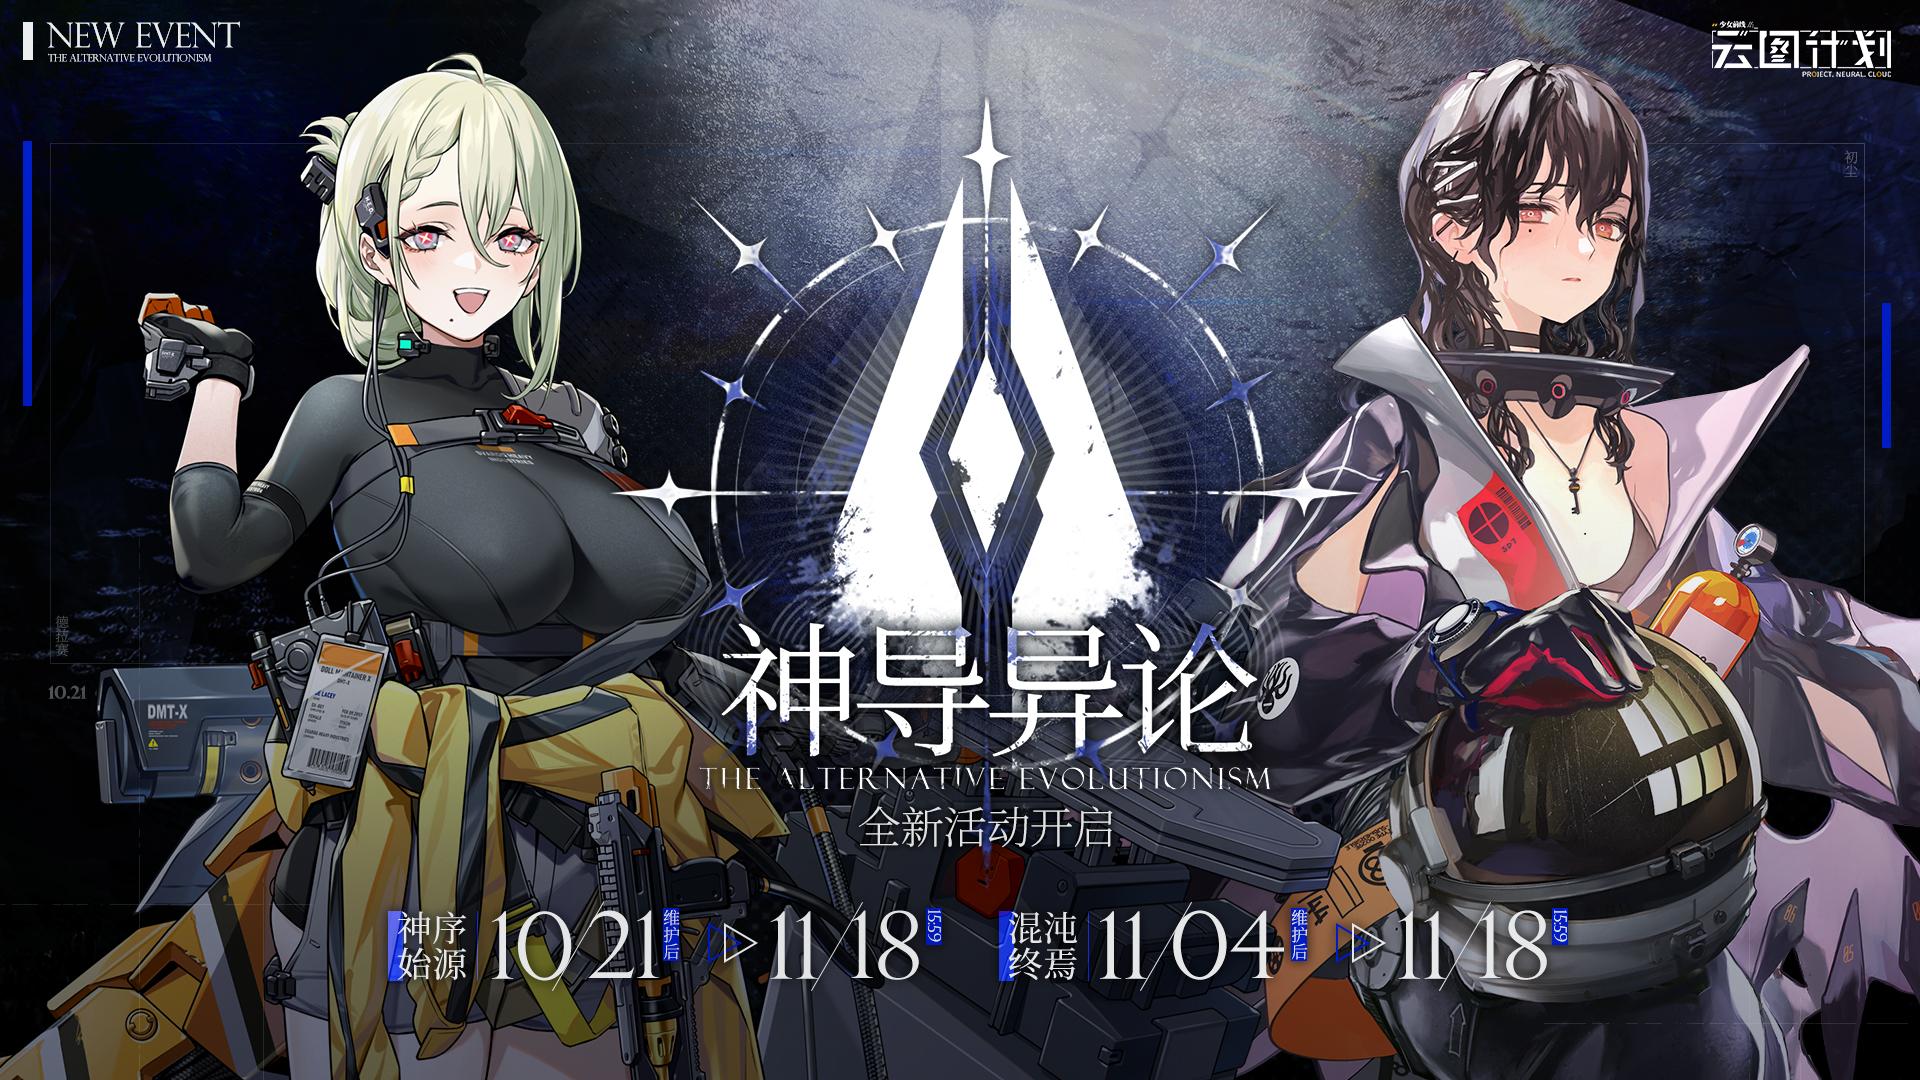 【全新活动】大型活动「神导异论」10月21日开启!